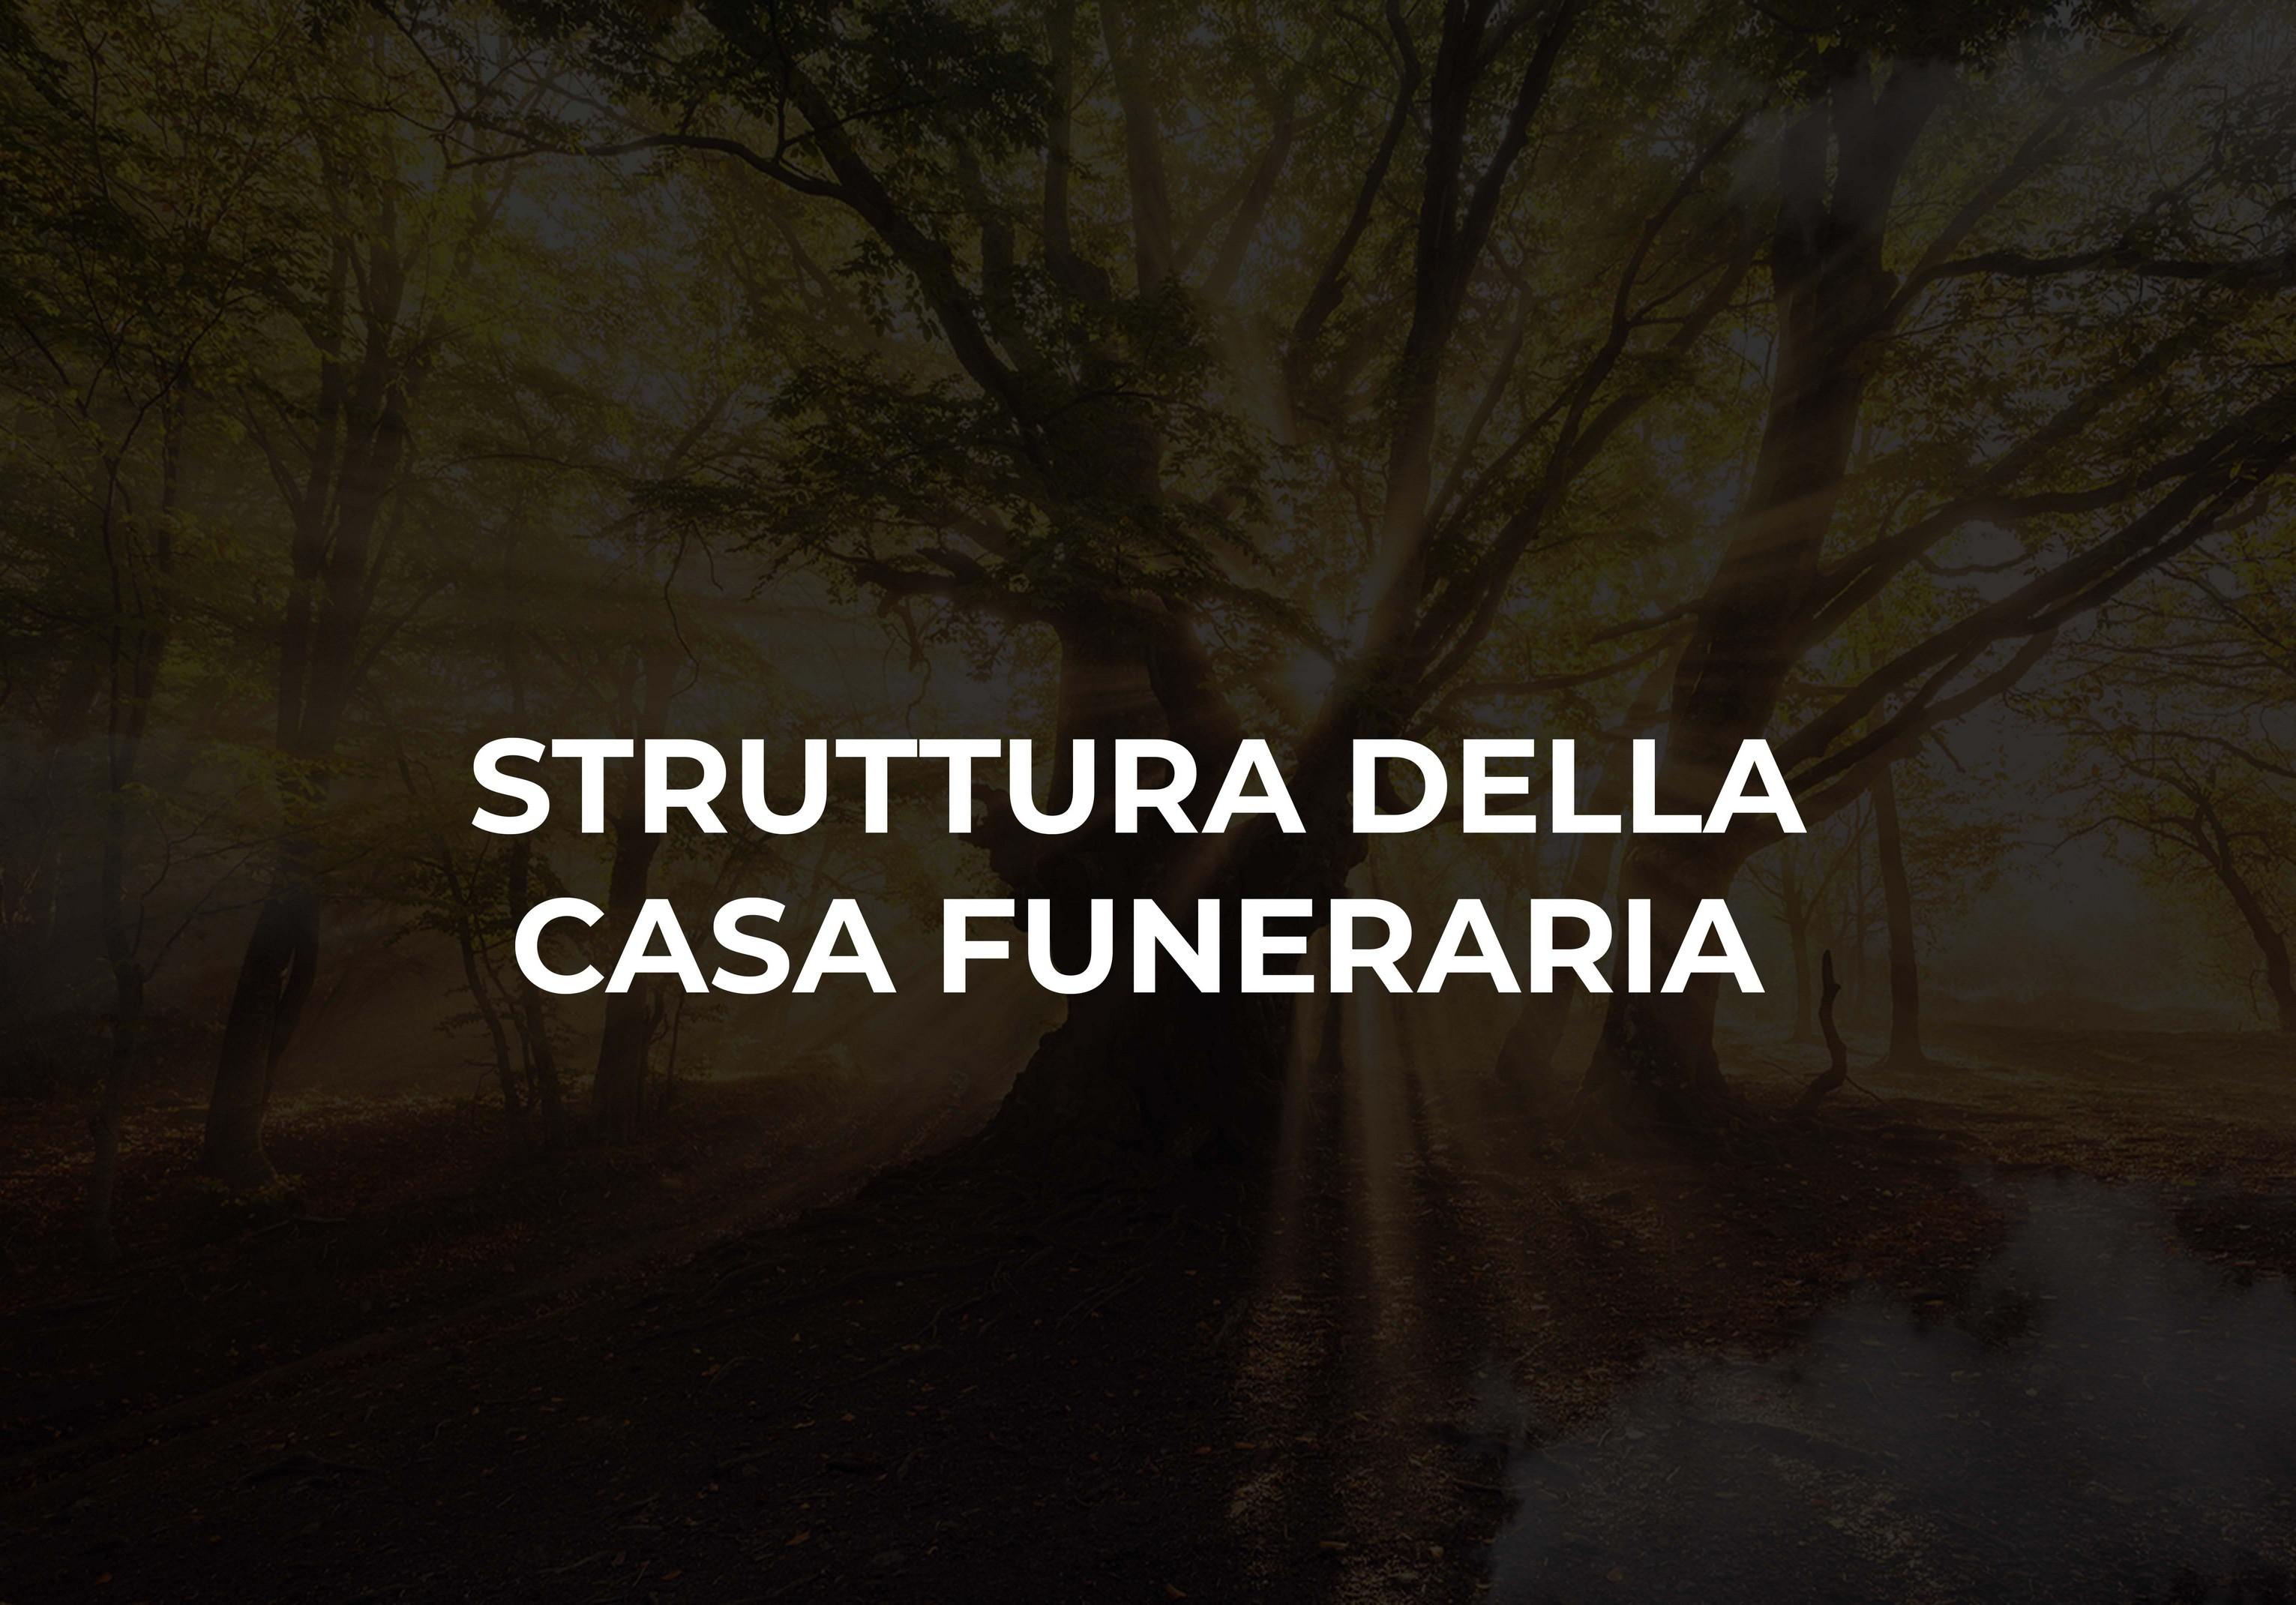 struttura della casa funeraria